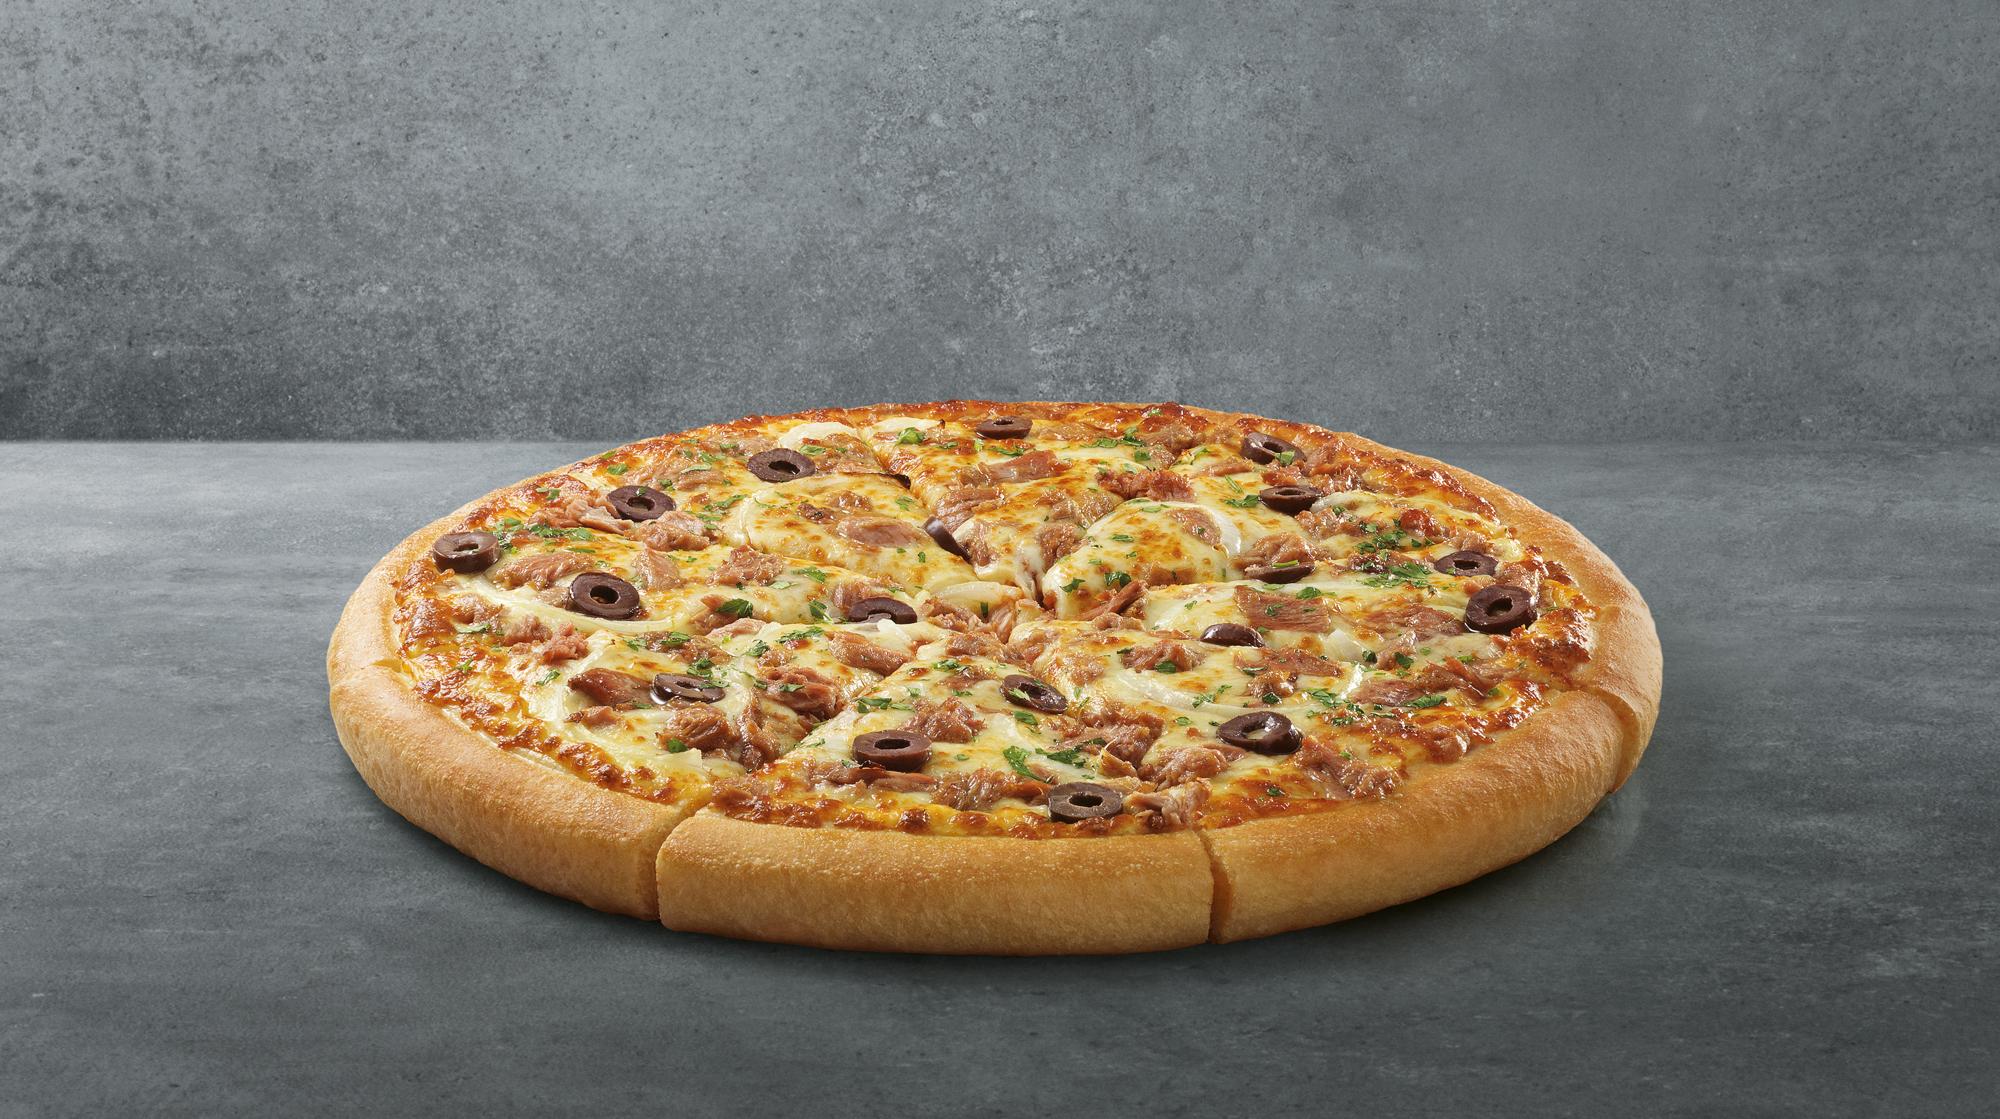 PICT---PIZZA-HUT---SALADA-ATUM-02-ENTREGA2.jpg